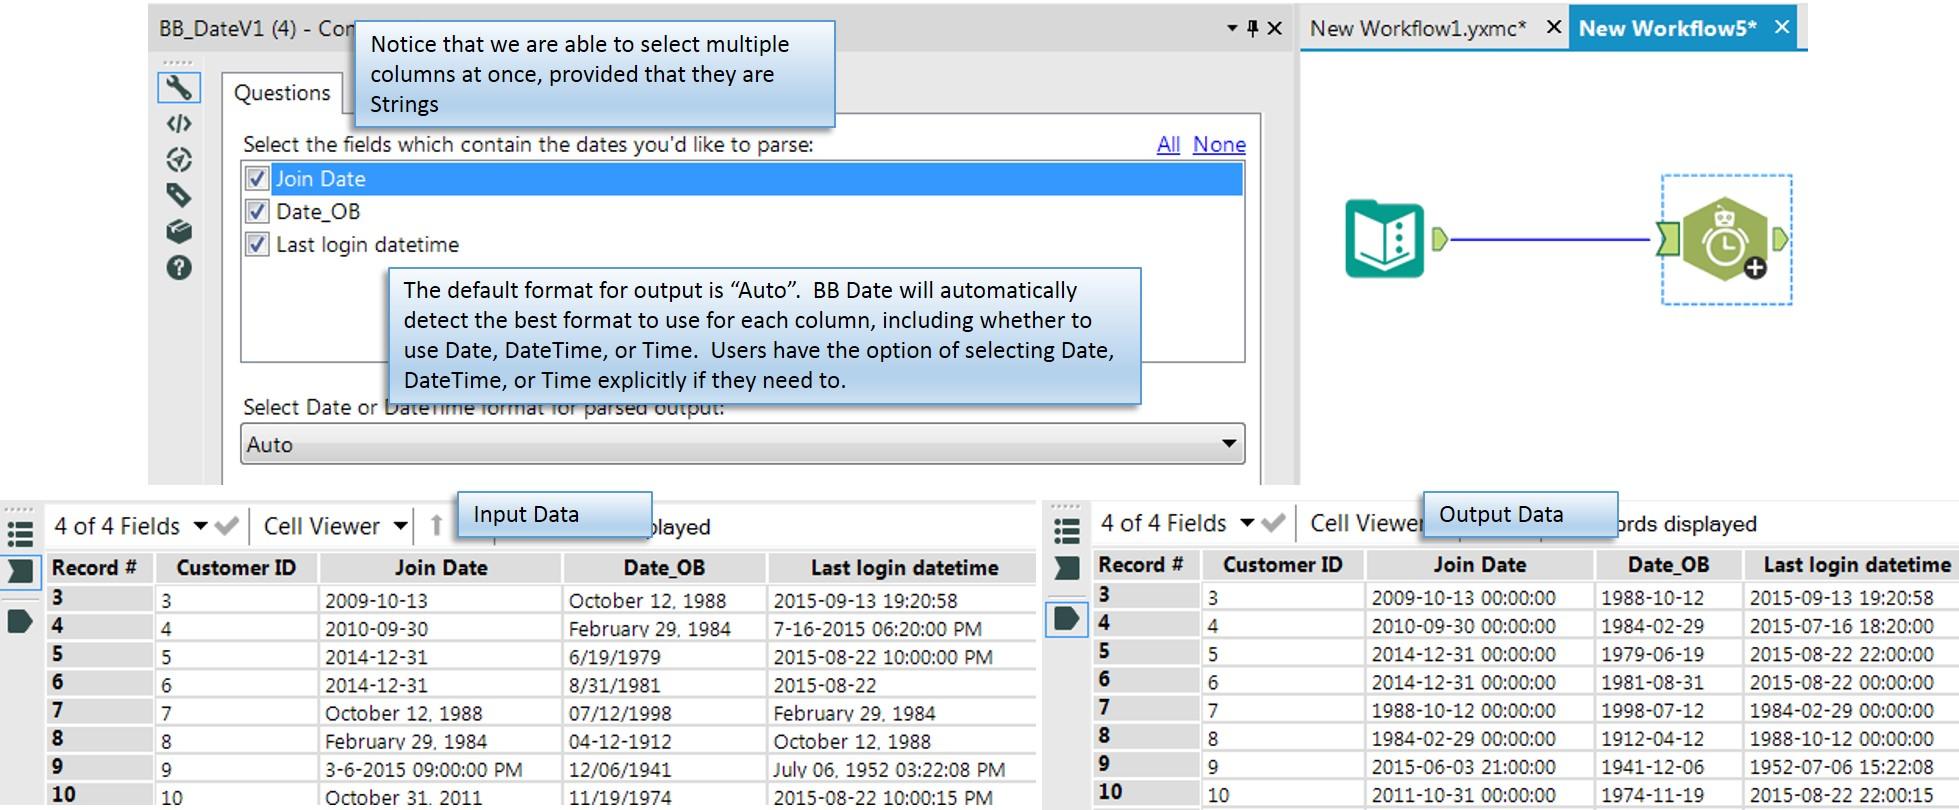 bb_date_output.jpg